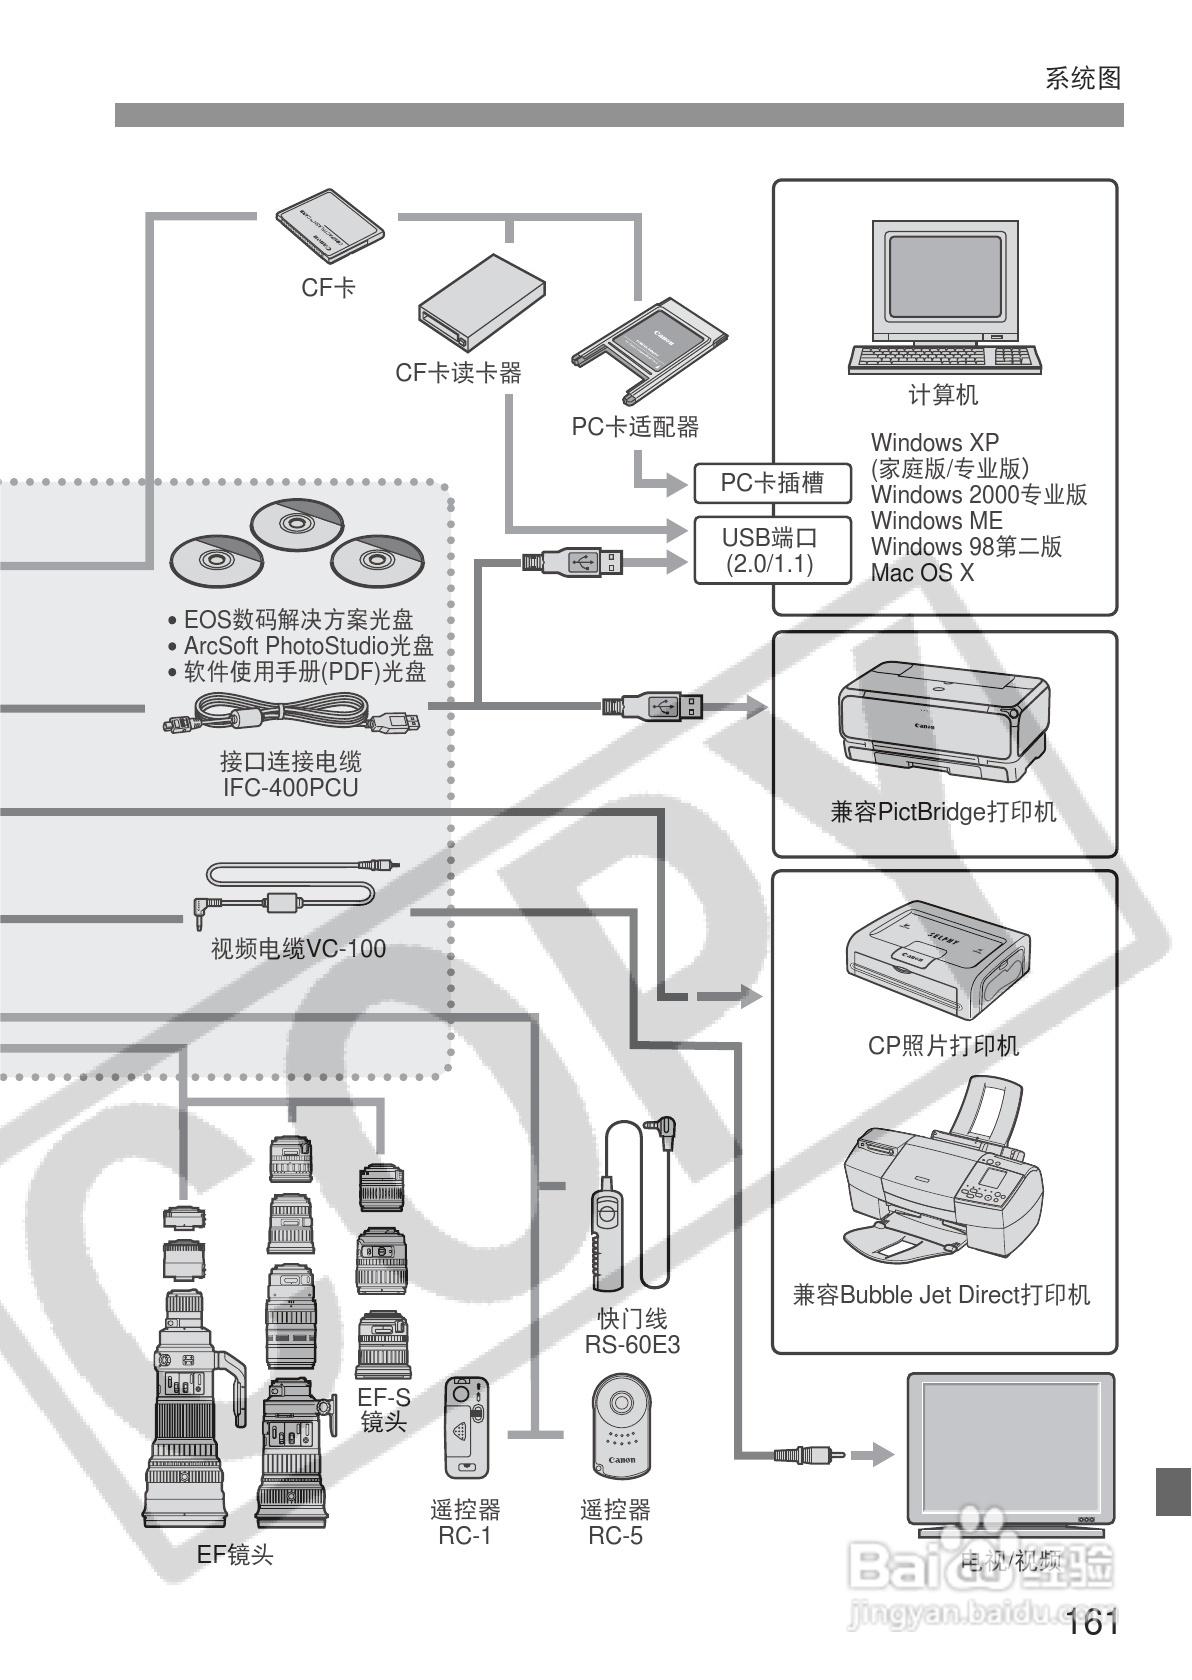 佳能eos350ddigital数码相机使用说明书:[17]